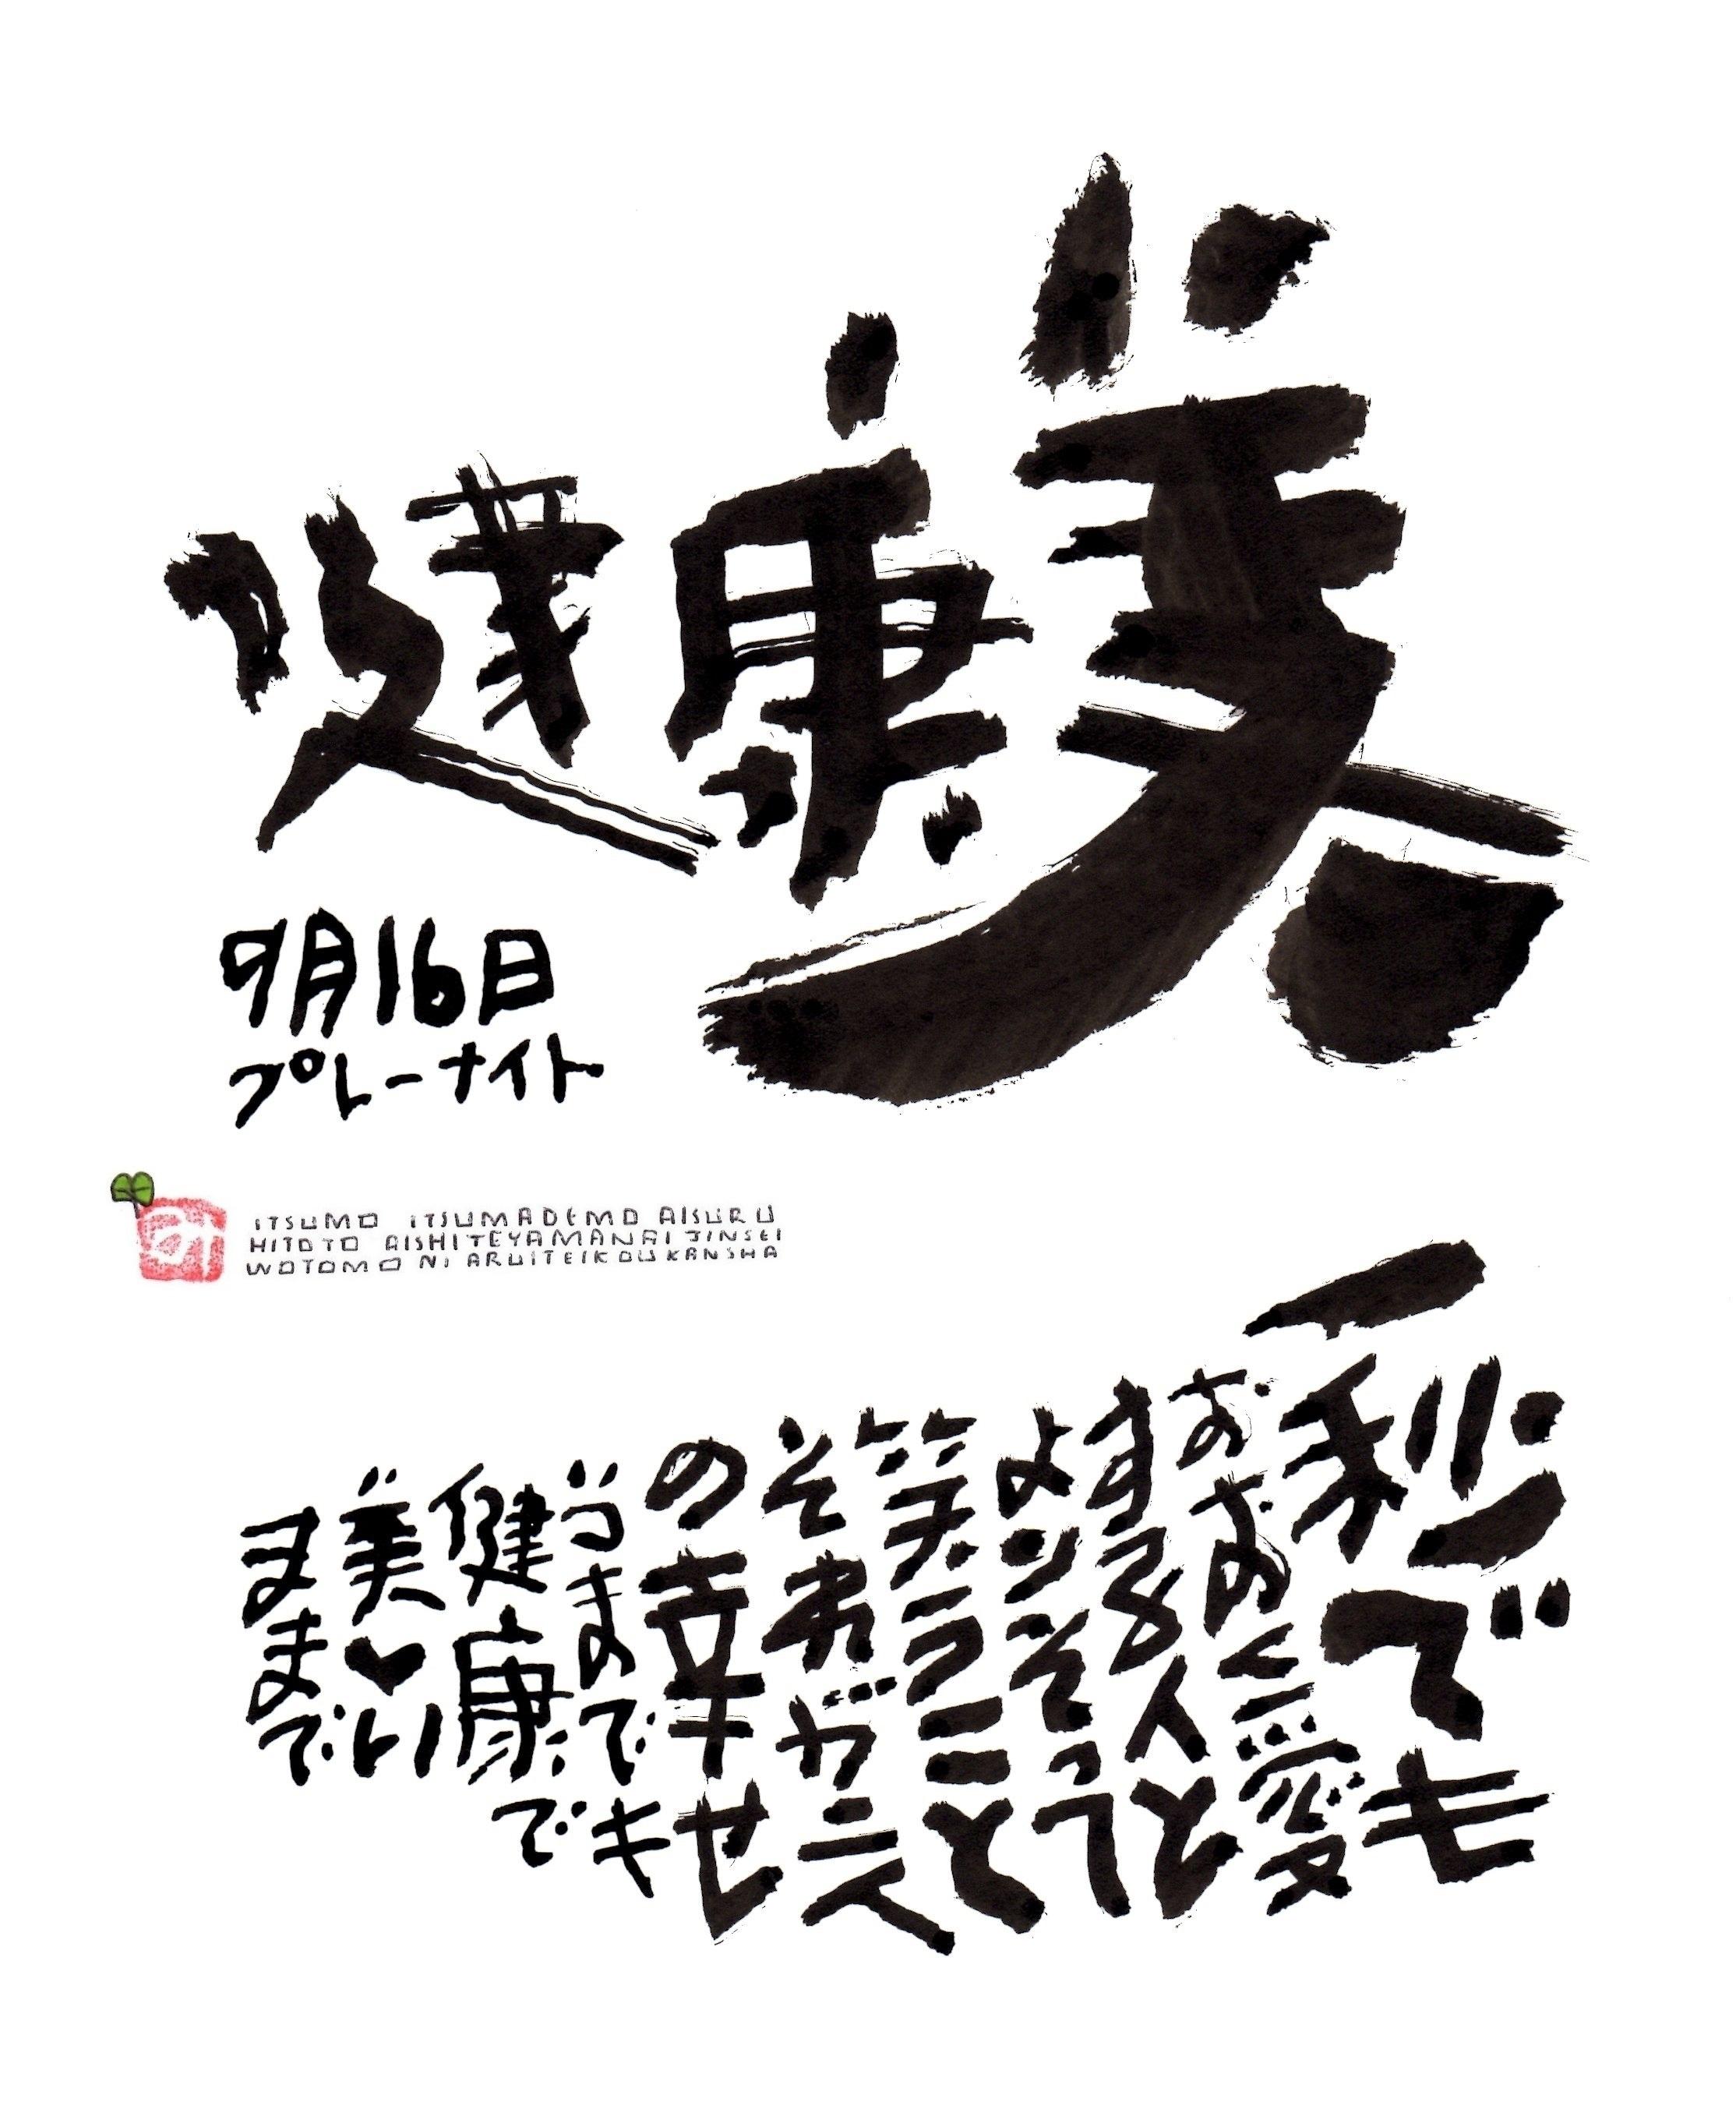 9月16日 結婚記念日ポストカード【健康美】